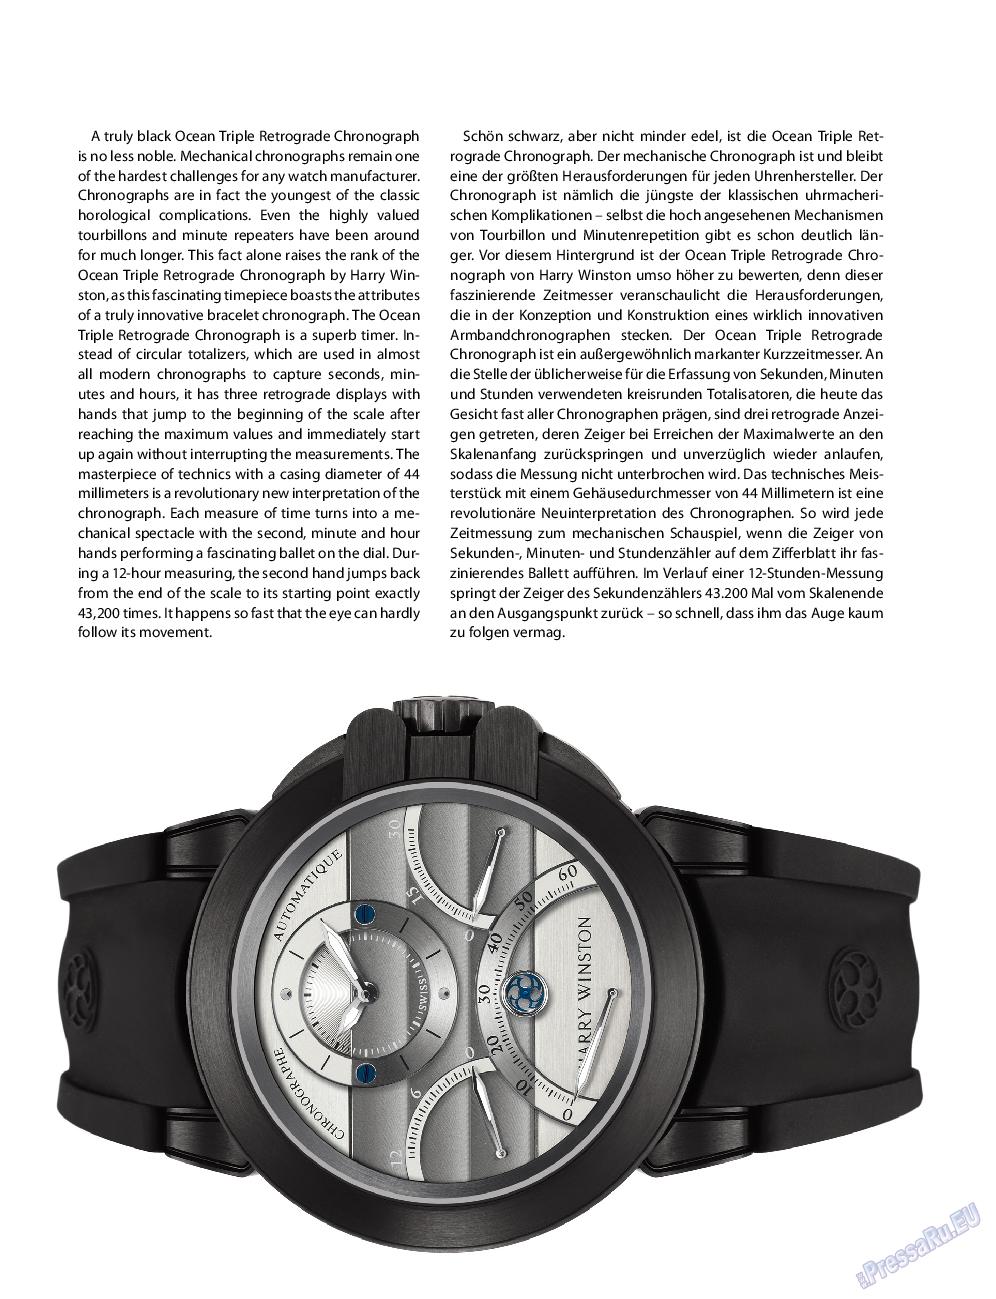 Клан (журнал). 2013 год, номер 5, стр. 98